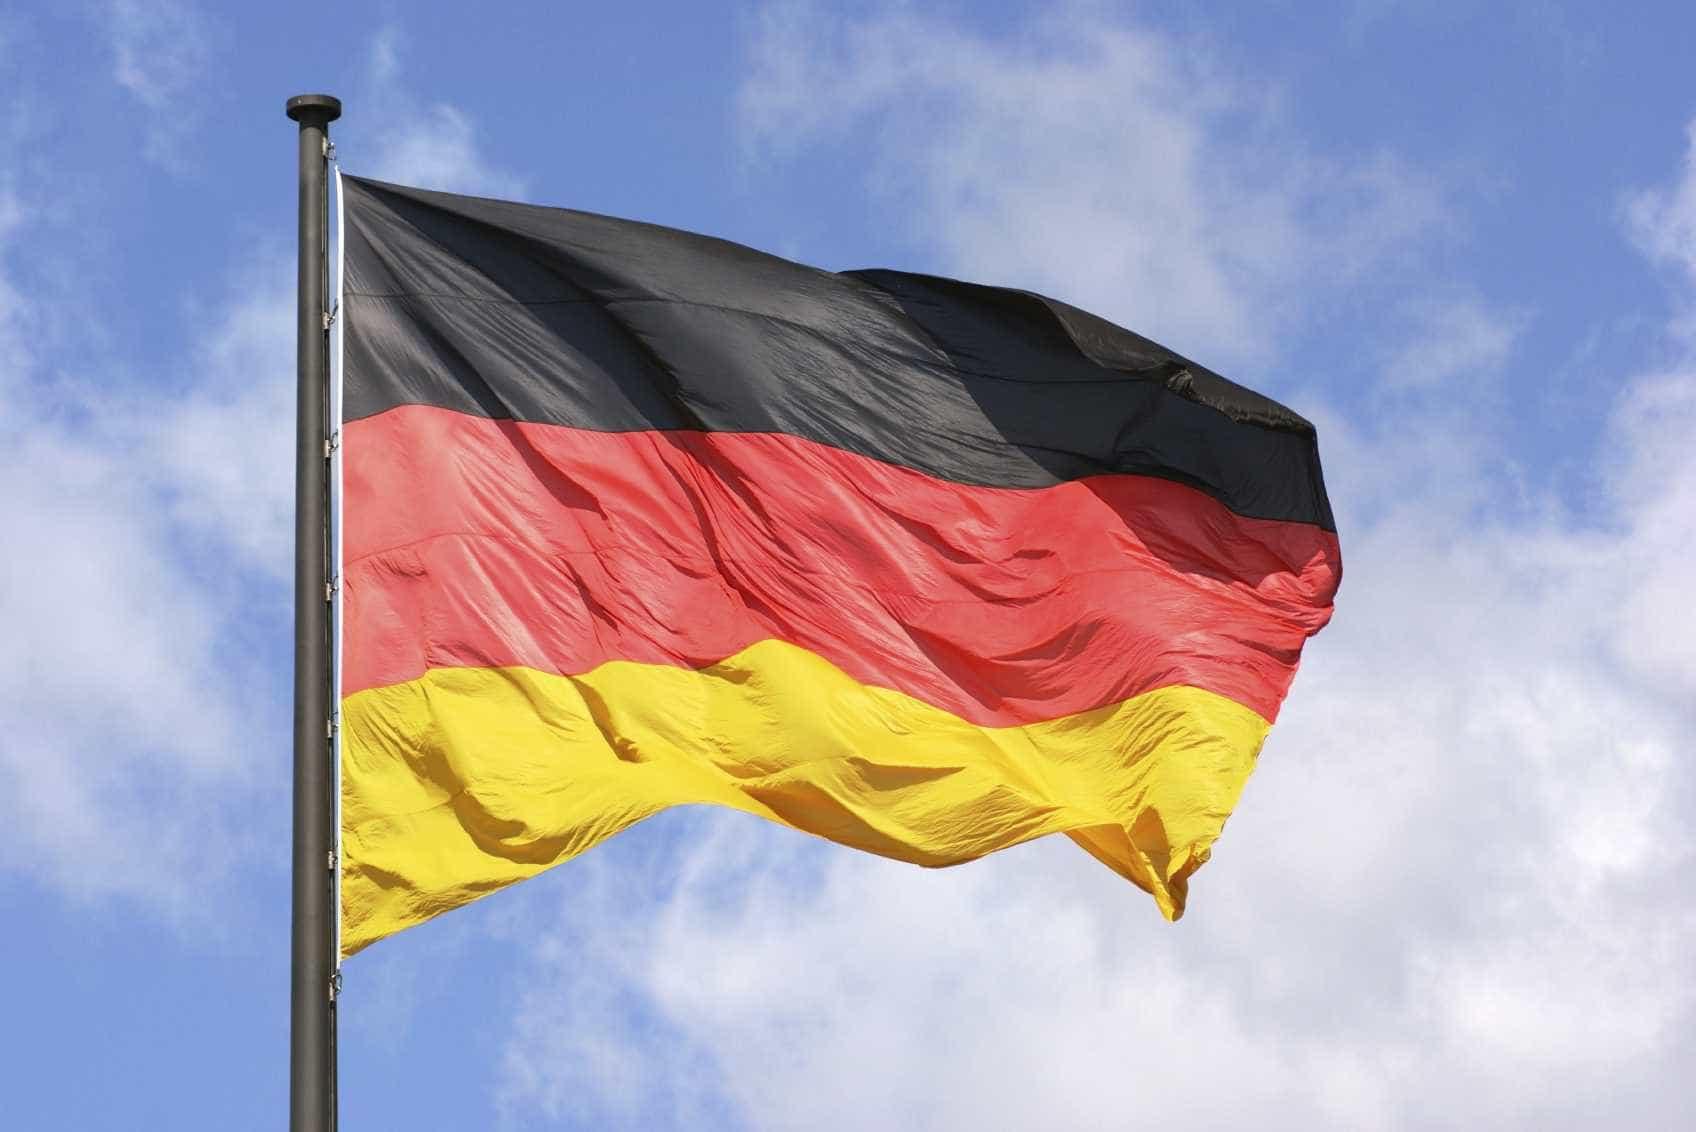 Homem com discurso contra imigrantes atropela peões na Alemanha